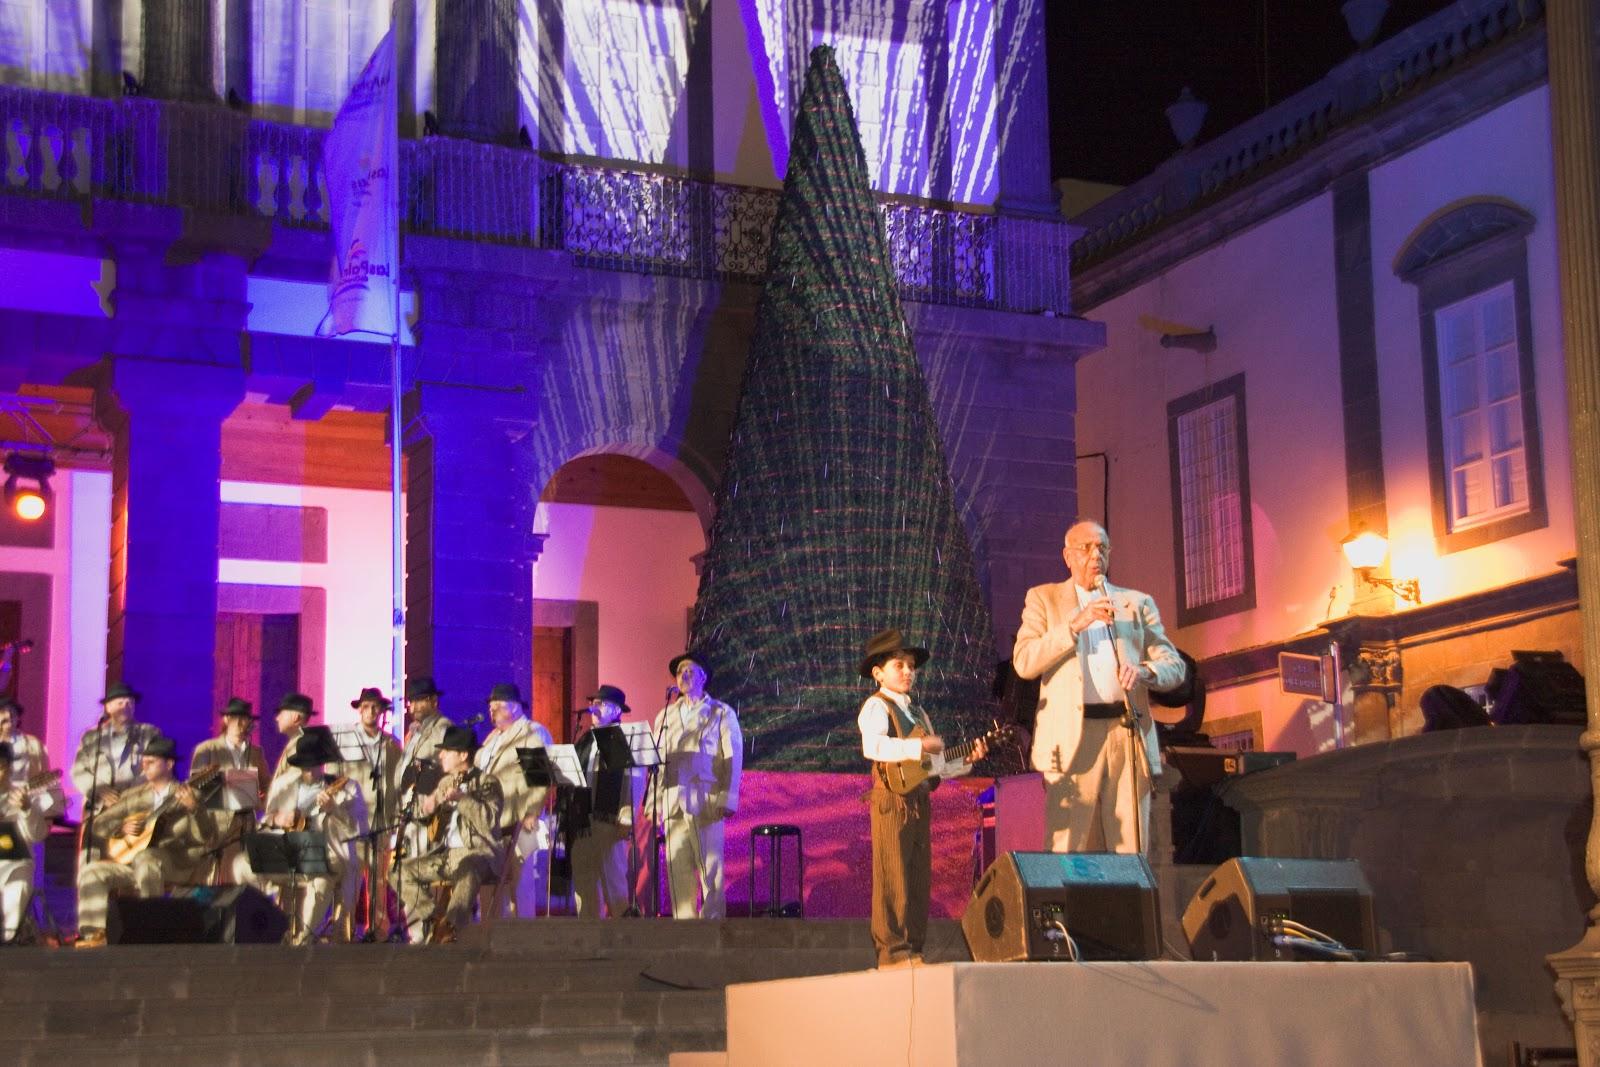 Eventos y cultura en gran canaria fotos xxiv concierto - Eventos gran canaria ...